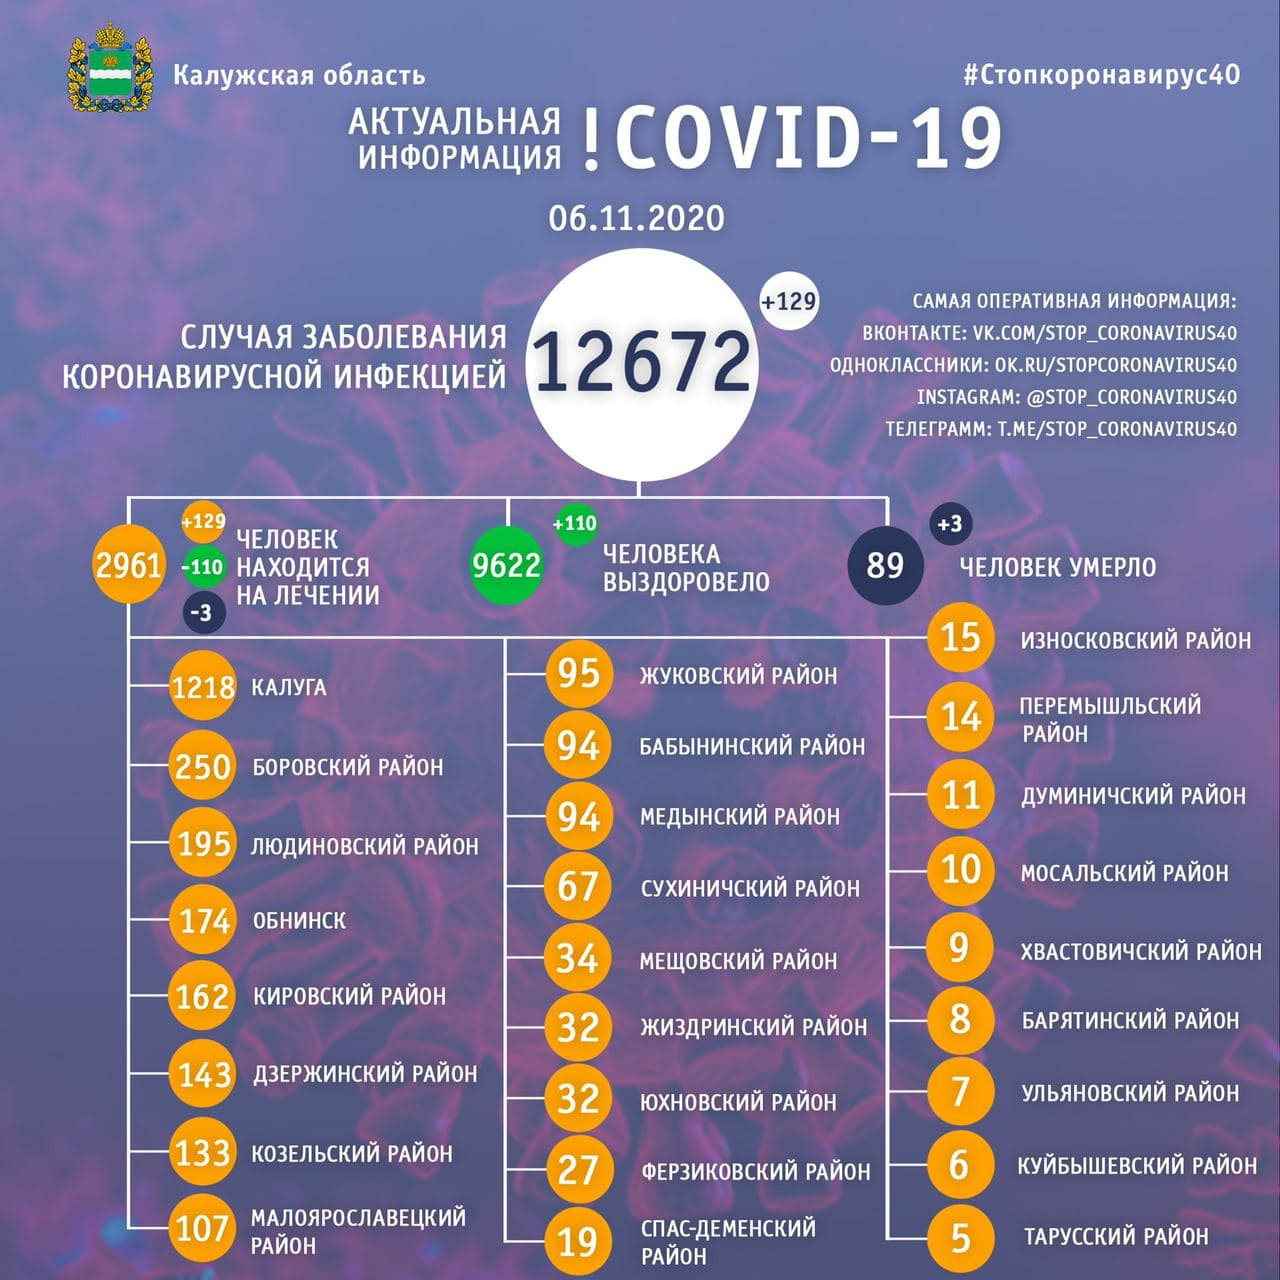 Официальные данные по коронавирусу в Калужской области на 6 ноября 2020 года.